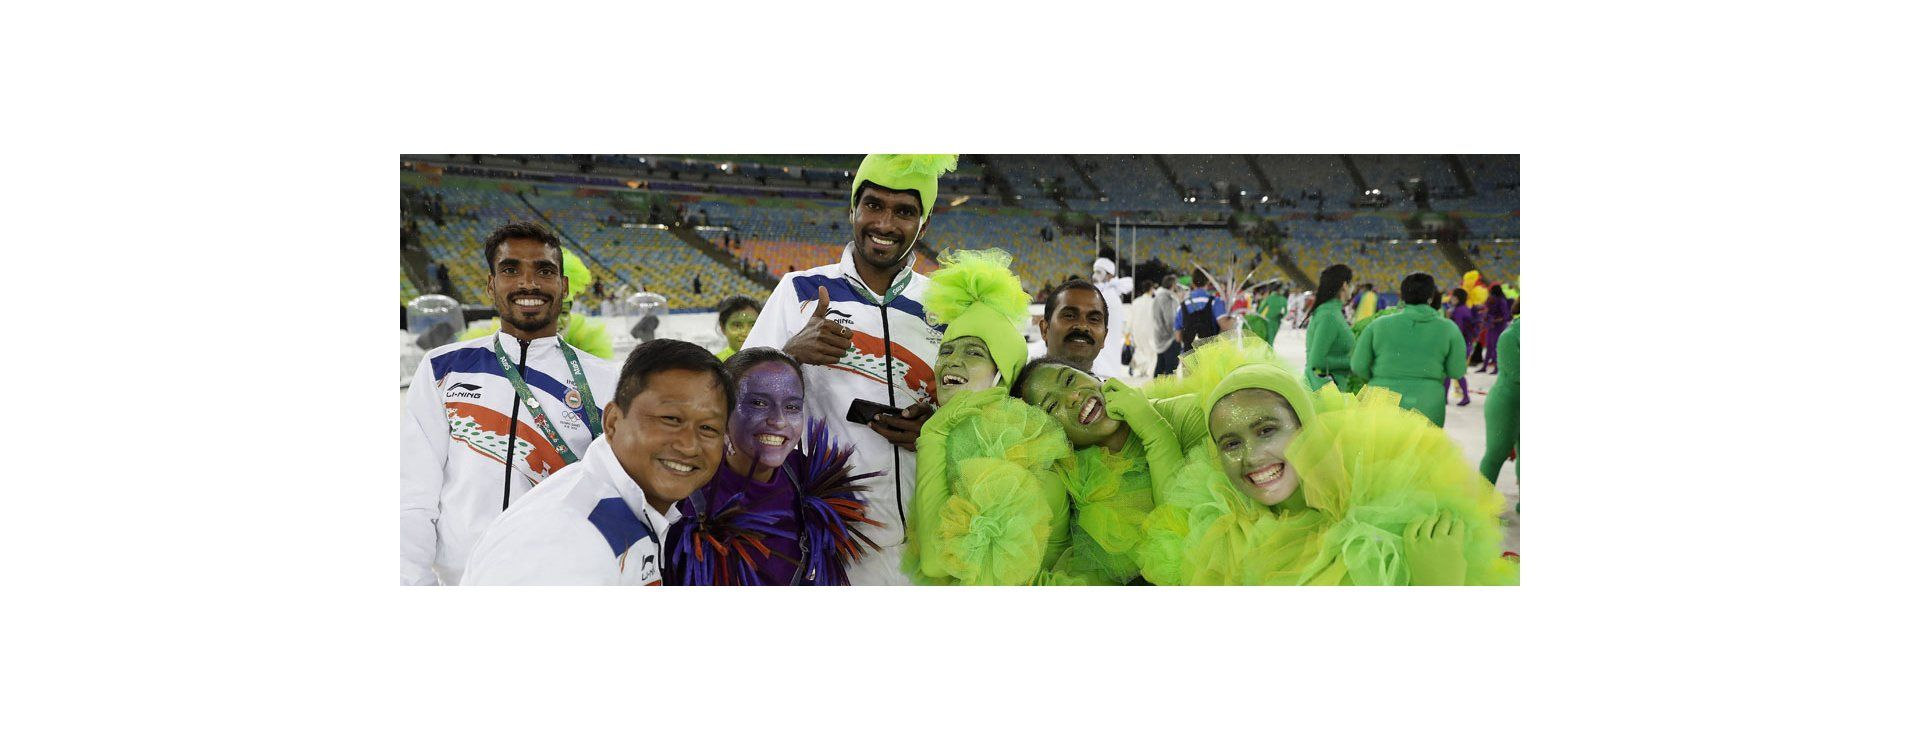 La alegría carioca fue puesta en escena en el cierre de los Juegos Olímpicos